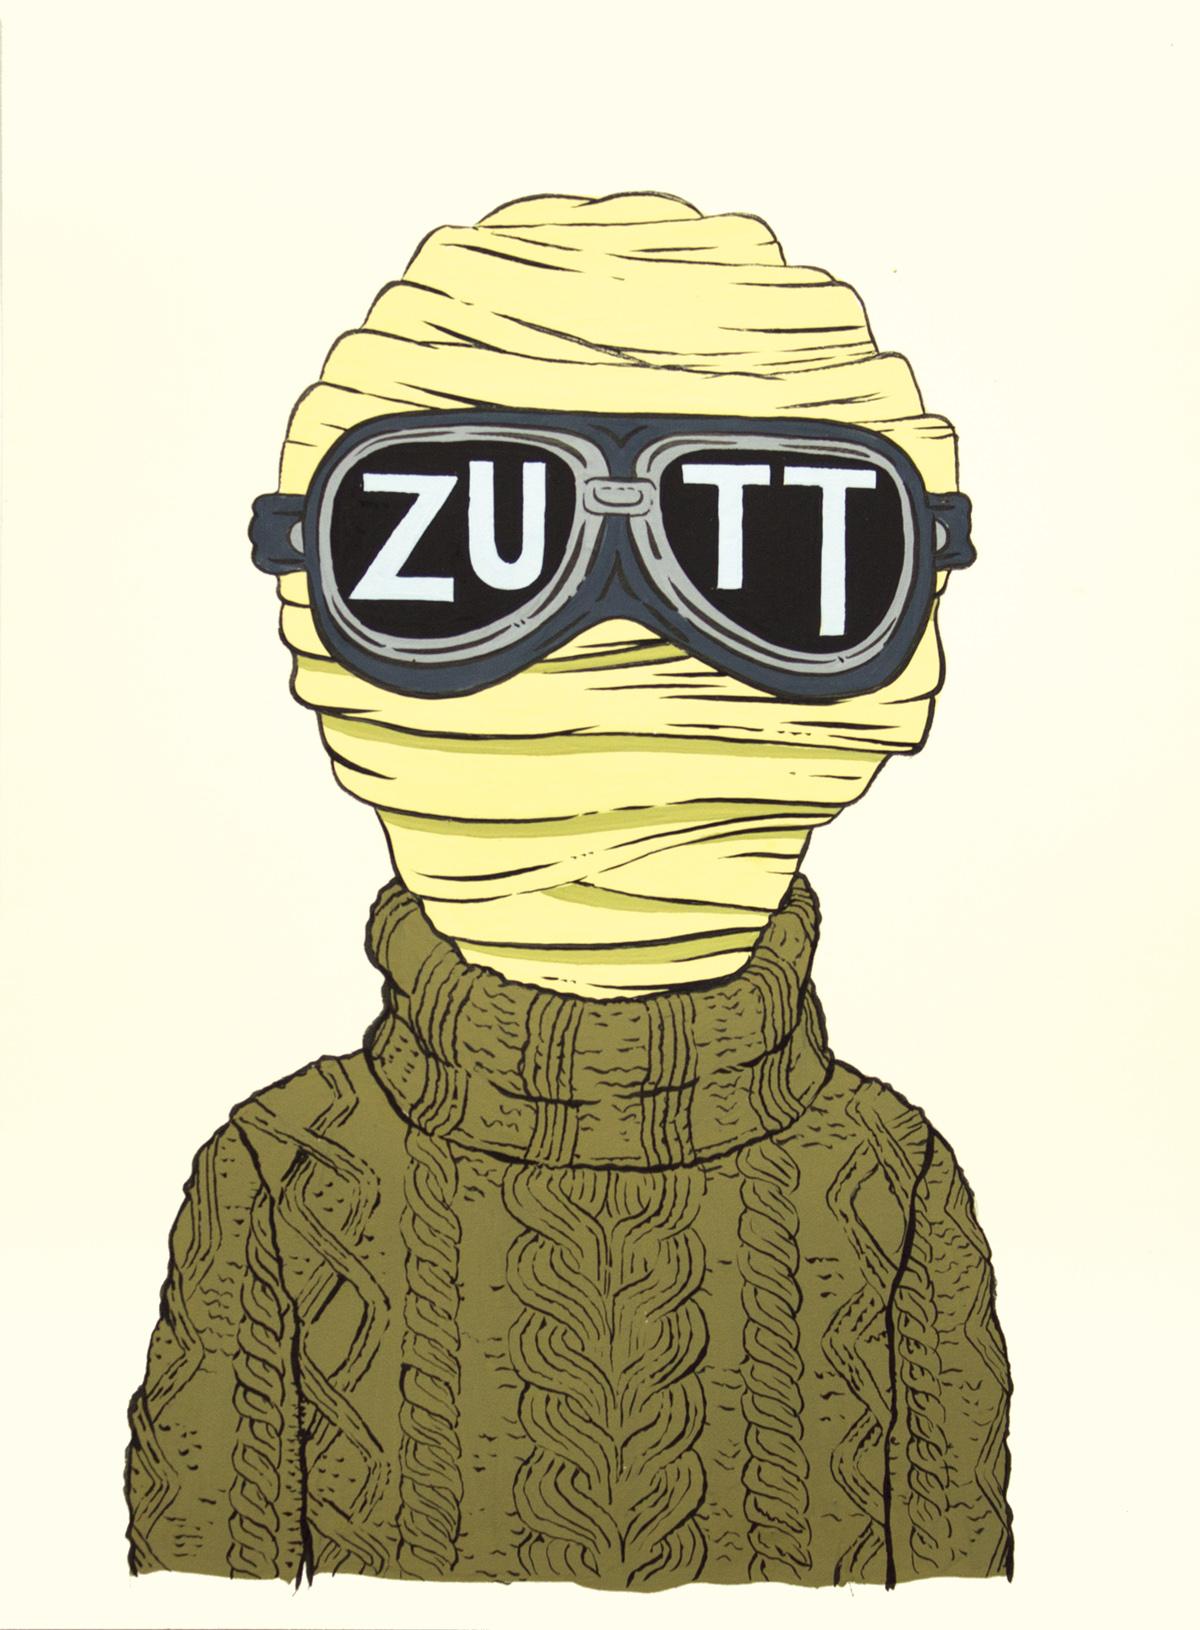 efont_zutt07_M